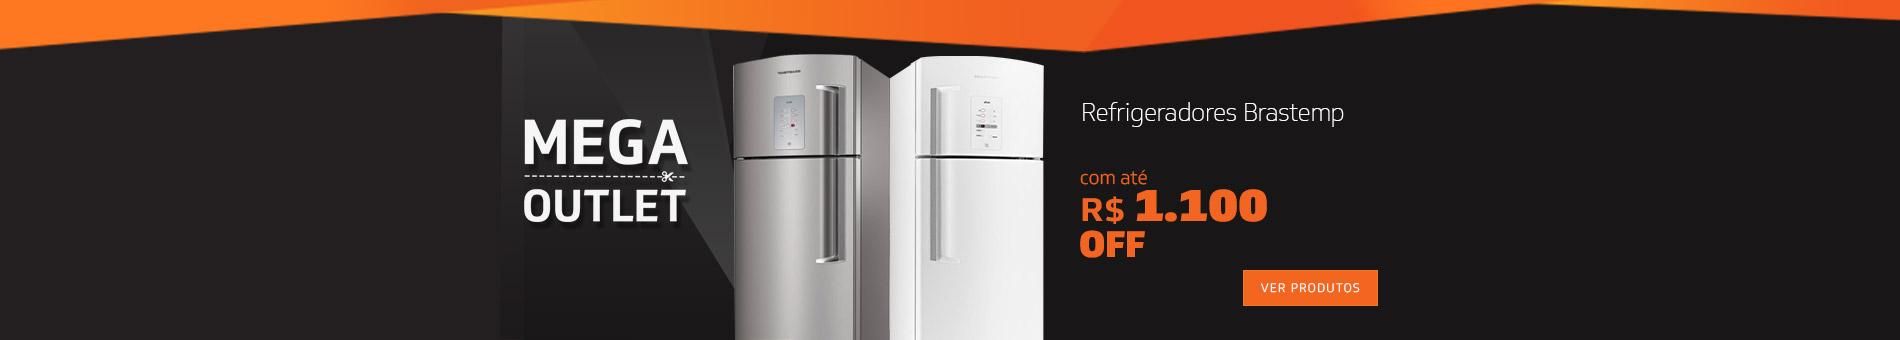 Promoção Interna - 620 - megaoutlet_refrigeradores_home3_29072016 - refrigeradores - 3